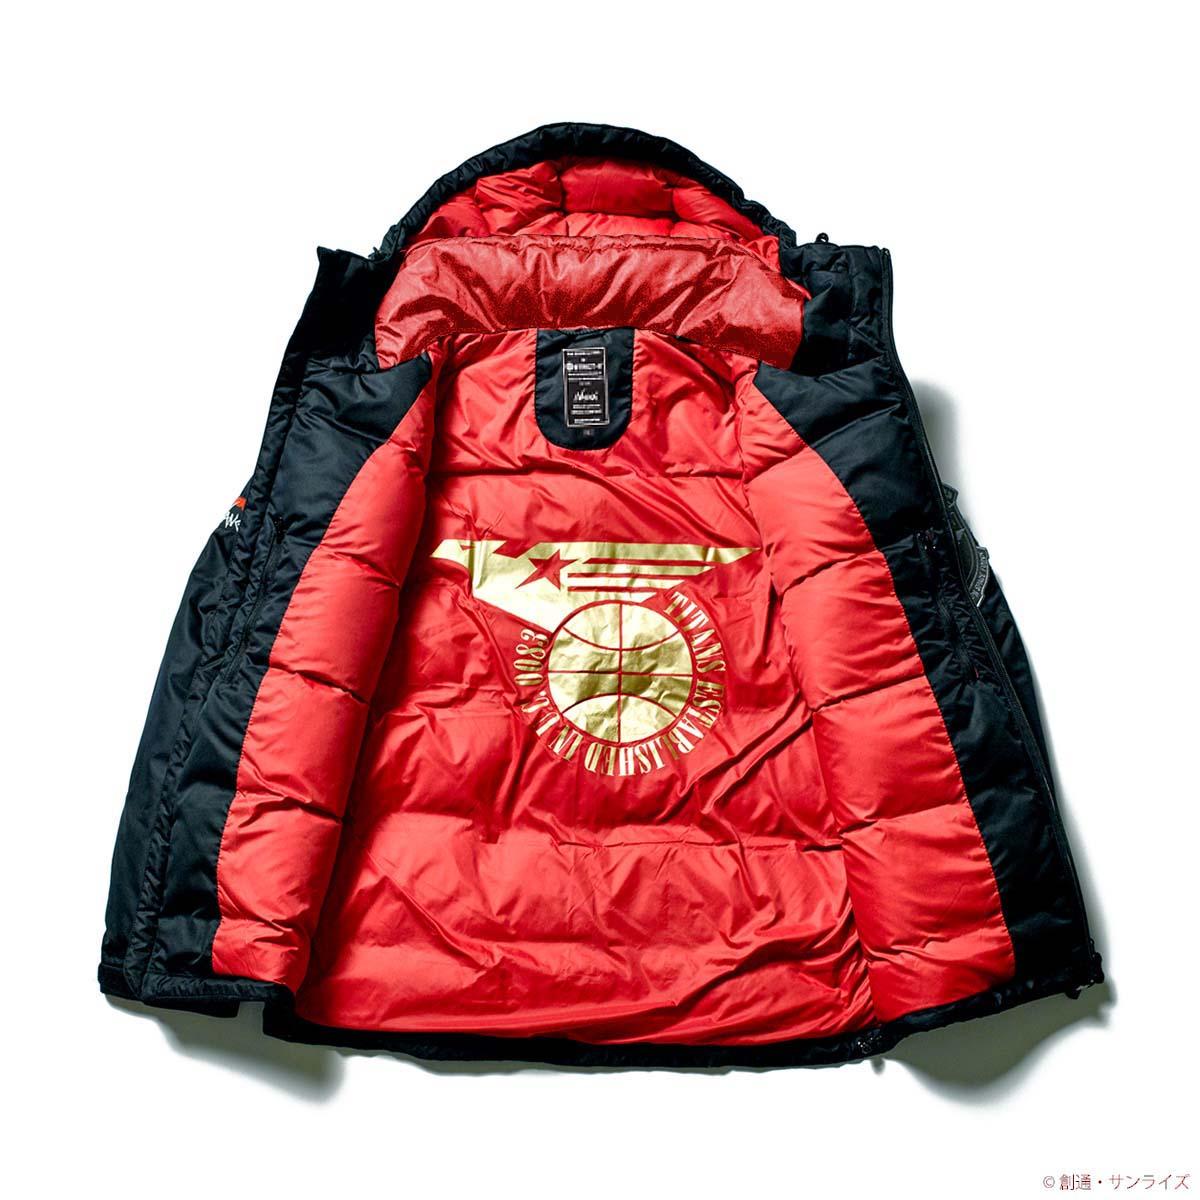 『機動戦士Zガンダム』35周年記念 NANGAとのコラボダウンジャケット発売!拘りが詰め込まれた、エゥーゴ/ティターンズ/クワトロ・バジーナの全3モデル